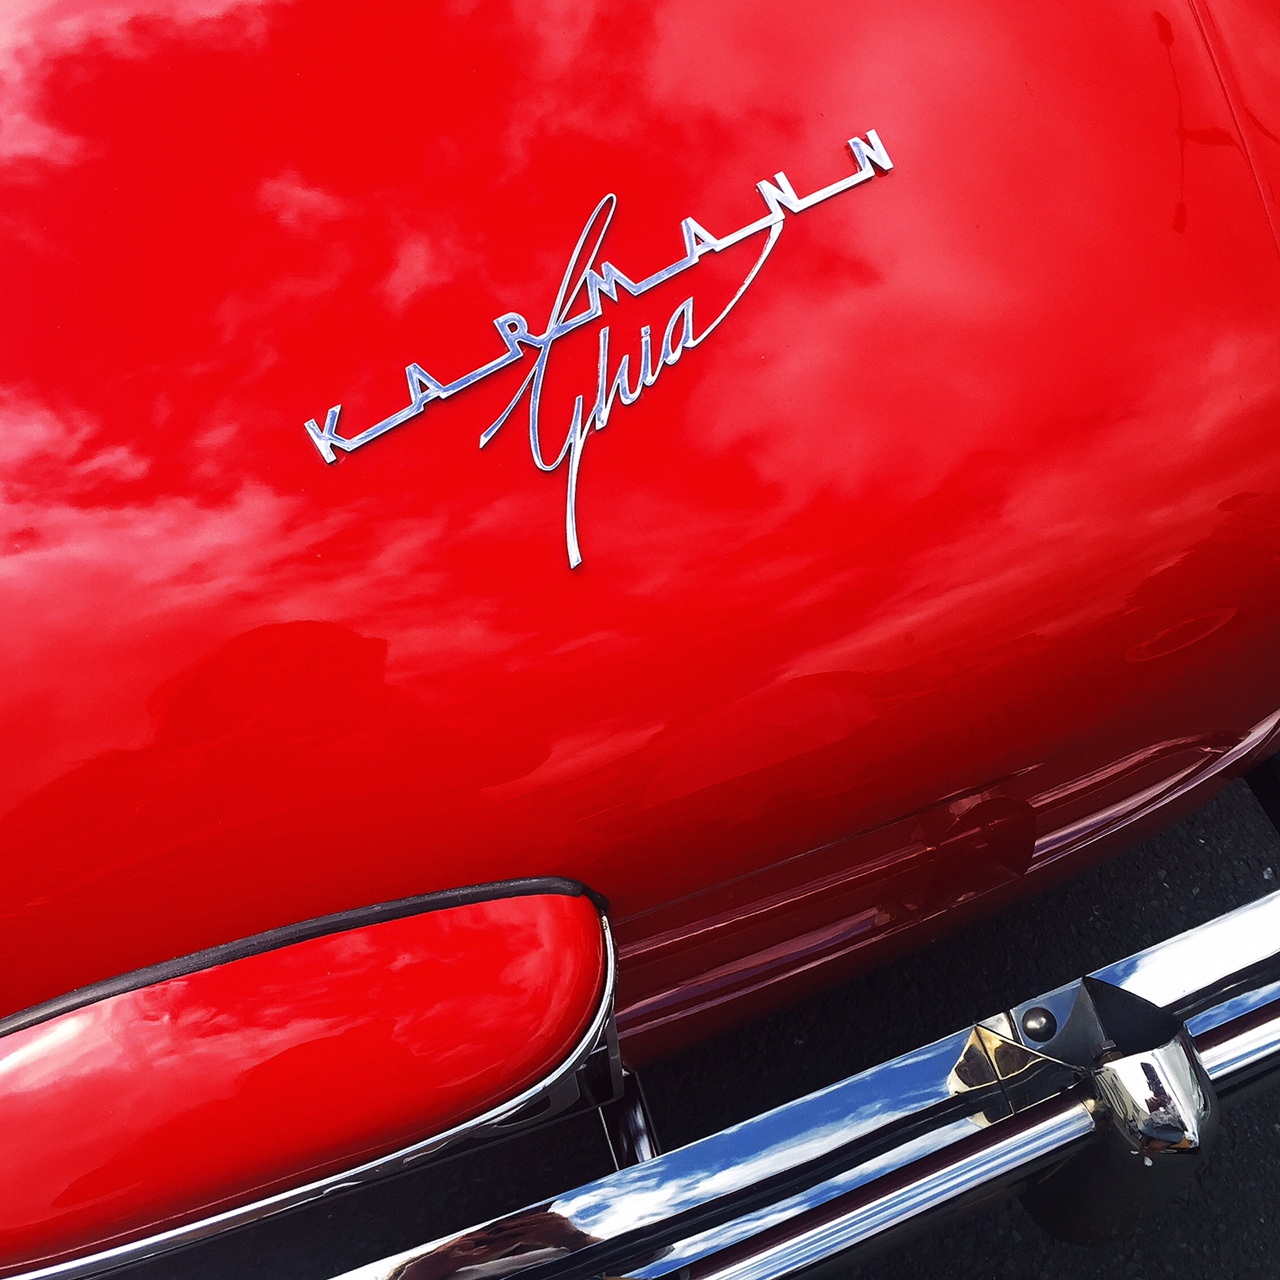 blog-chelt-cheltenham-montpellier-day-classic-cars-vintage.jpeg